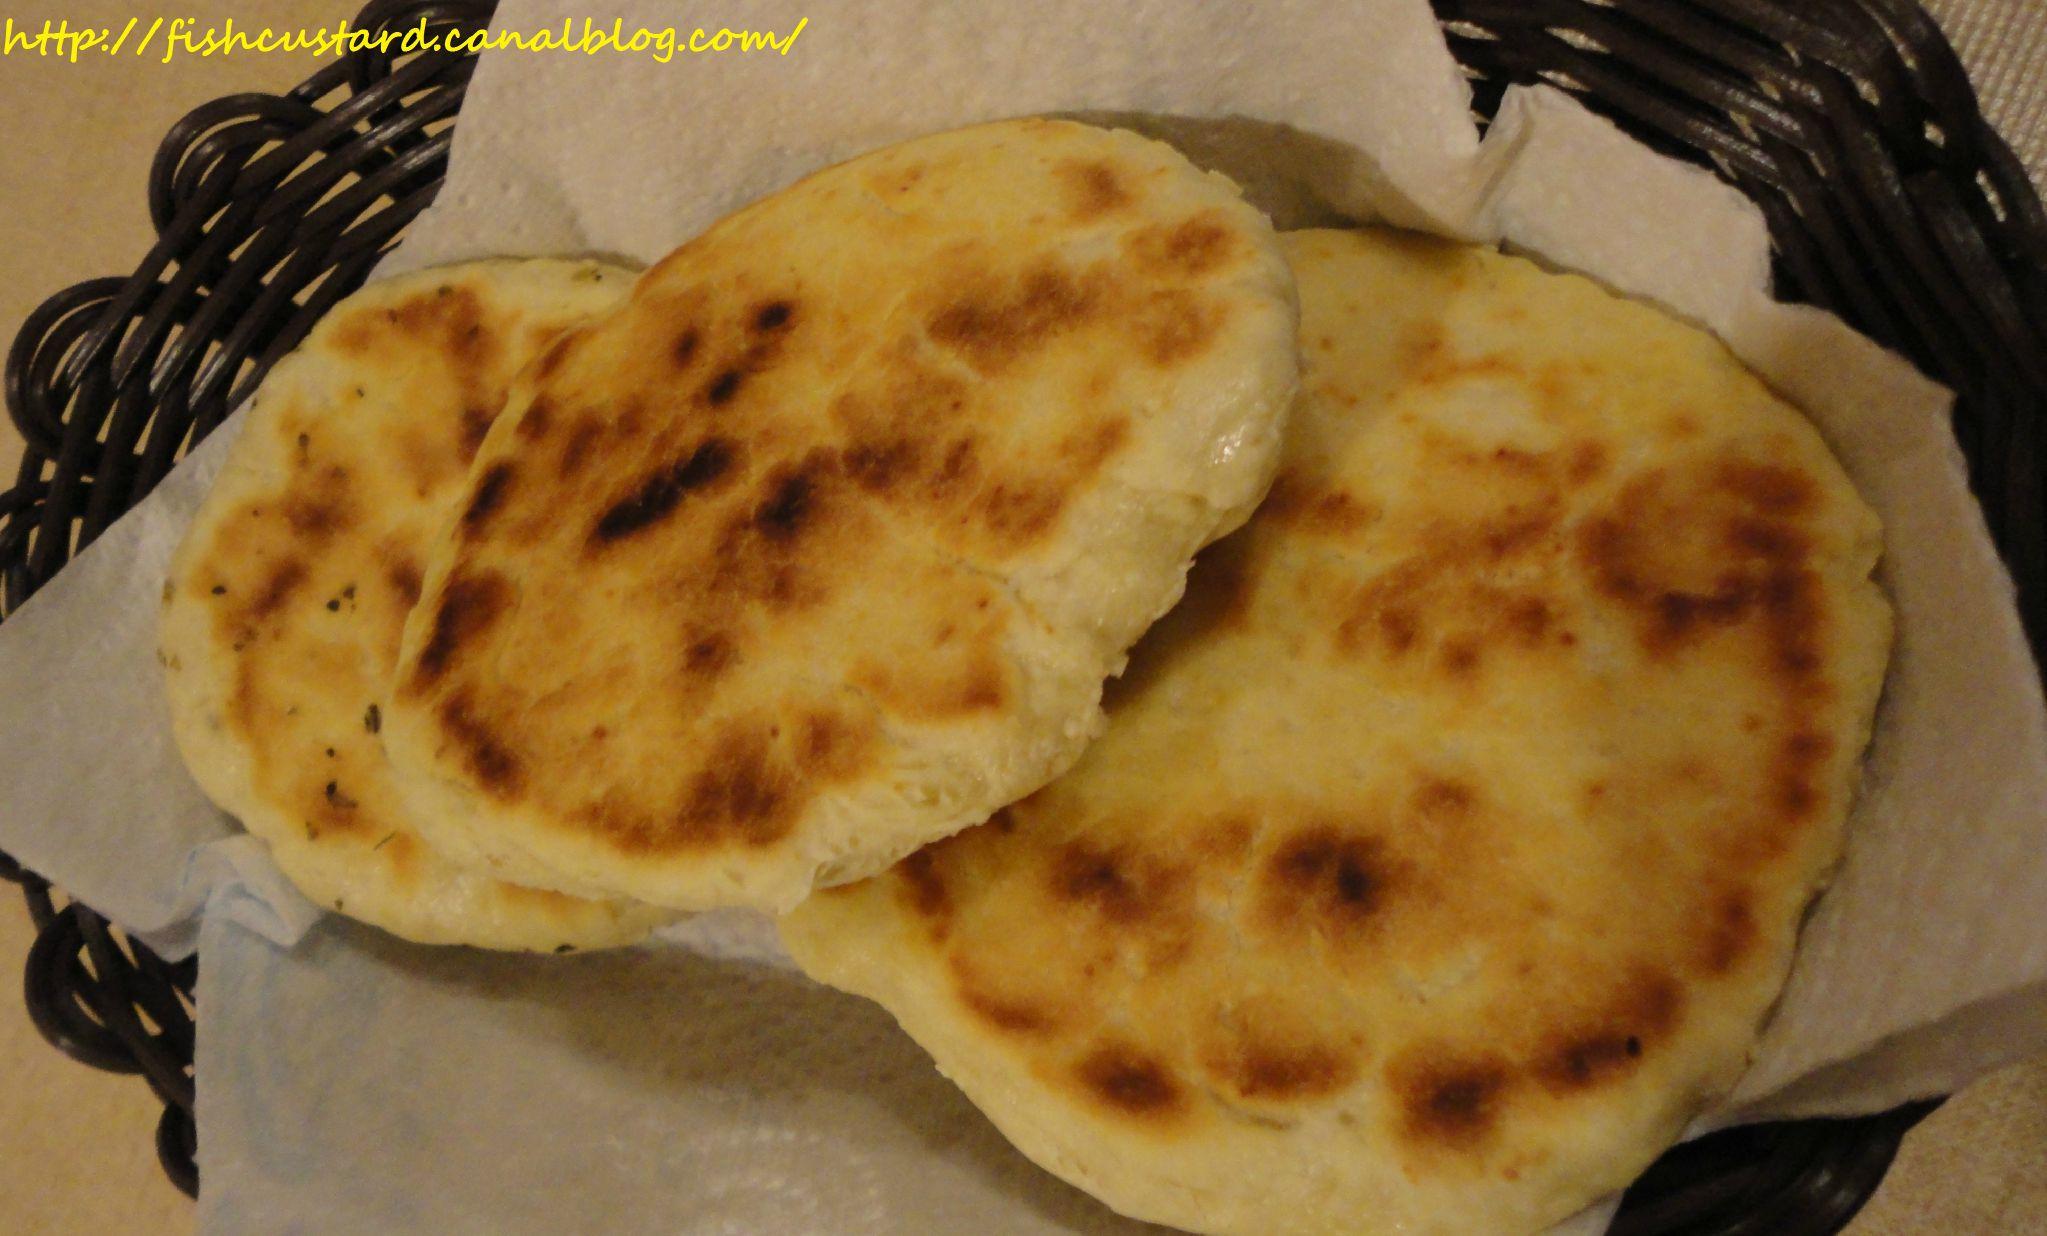 Pain bannique pain am rindien fish custard - Recette pain sans levure ...